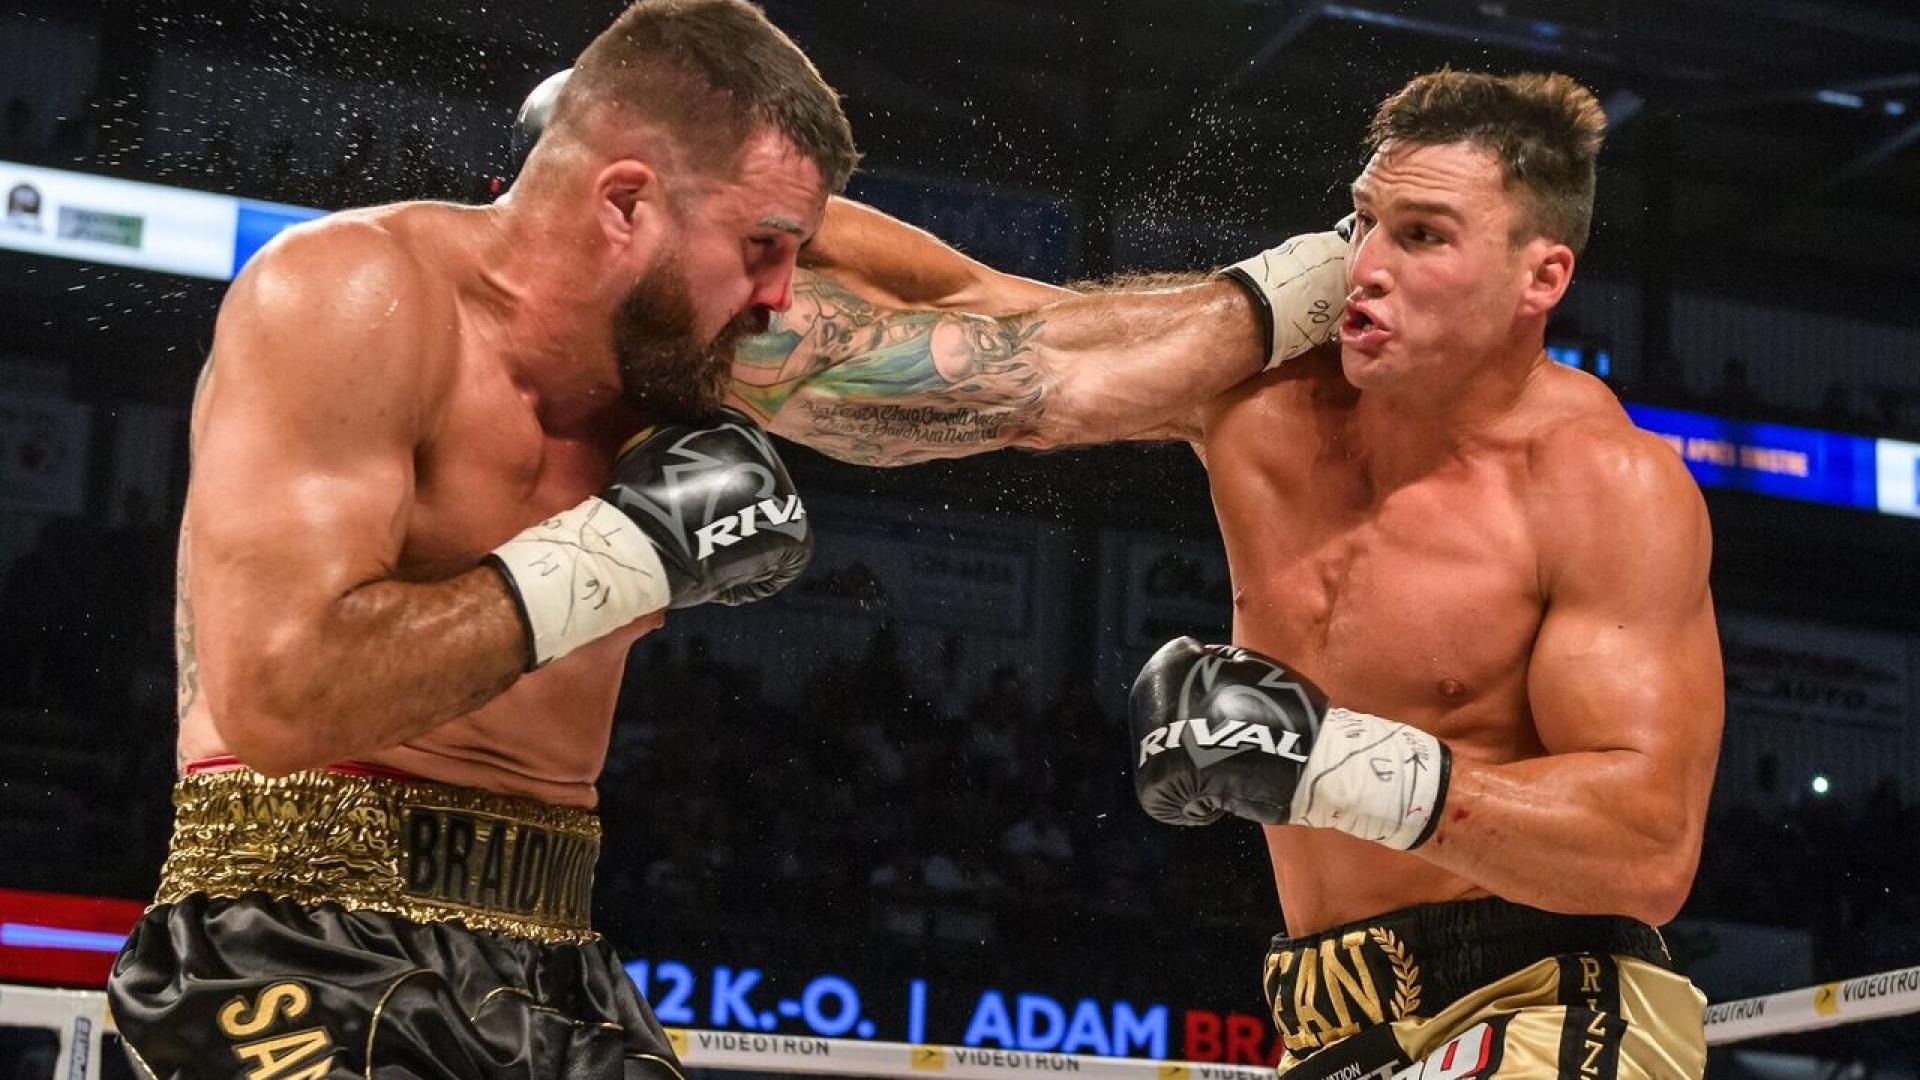 Simon Kean vs Adam Braidwood